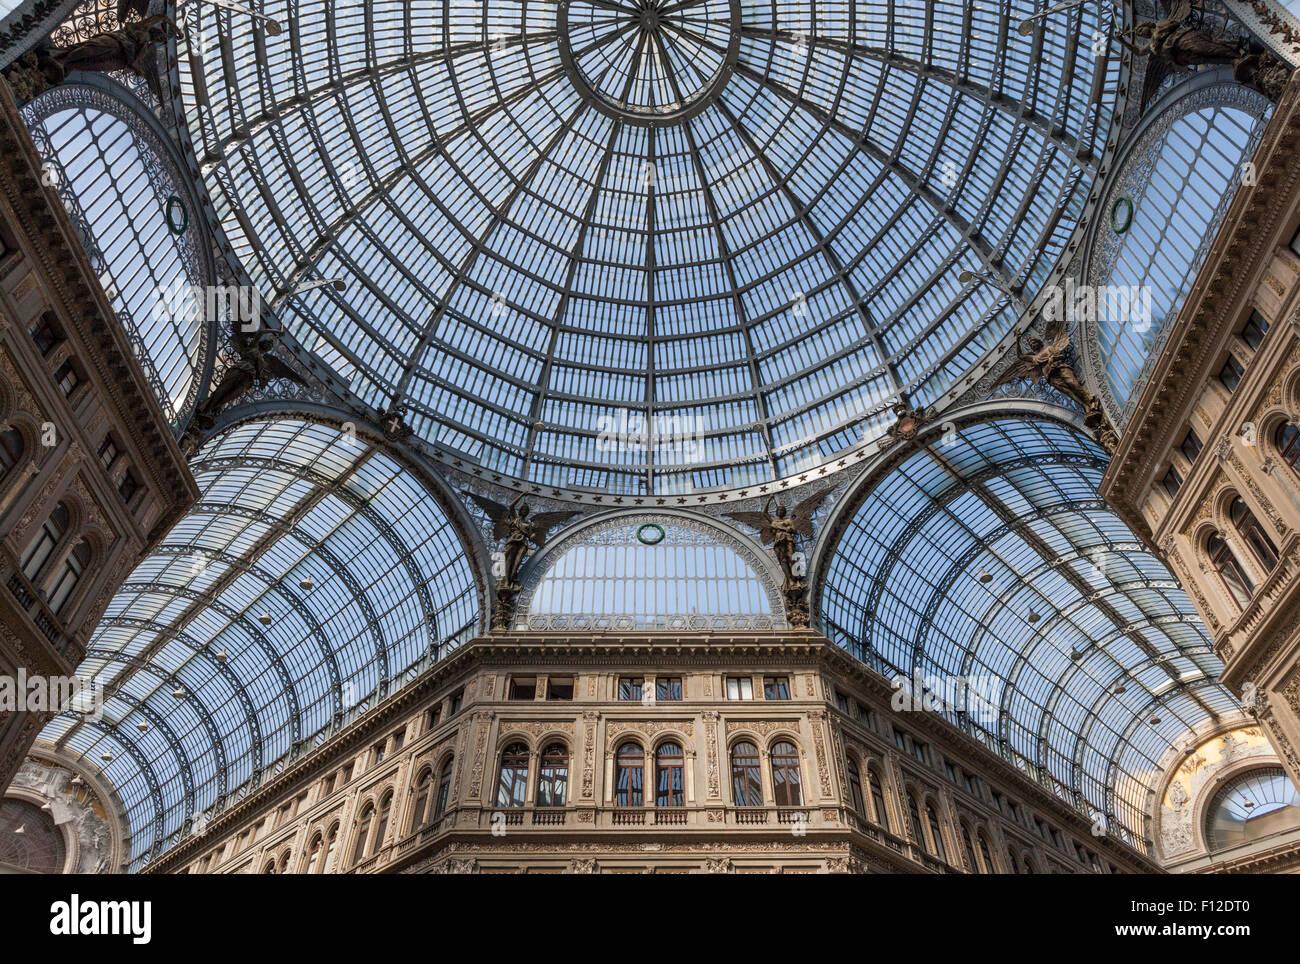 Cupola di vetro e le volte della Galleria Umberto I di Napoli, Italia Immagini Stock